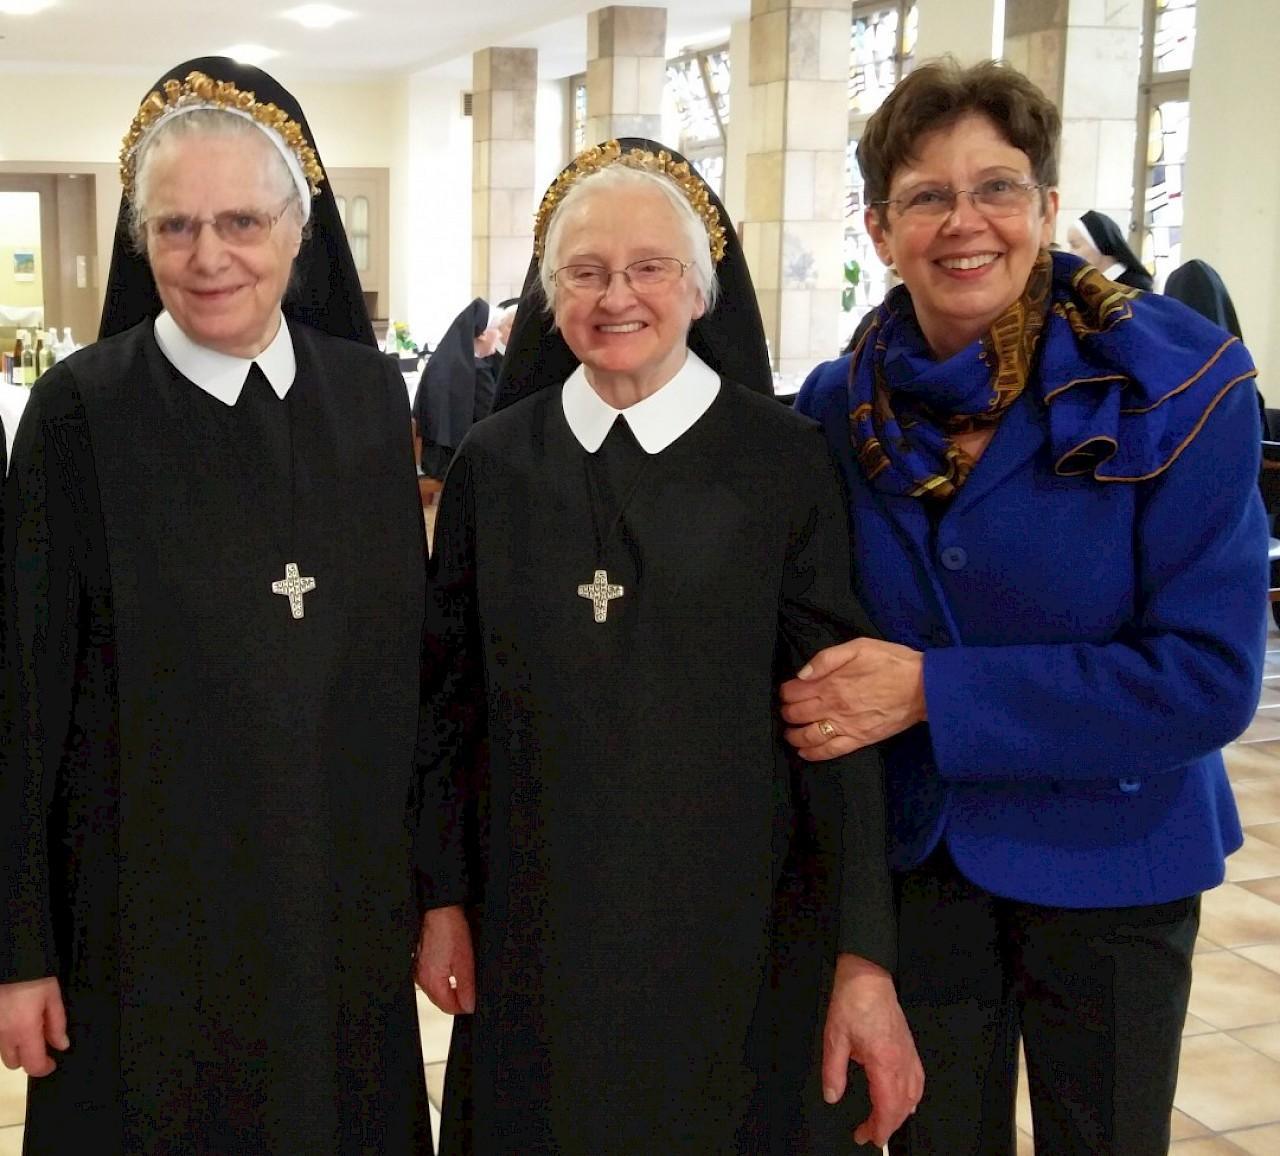 Anne Holt gratuliert zum beidruckenden Ordensjubiläum